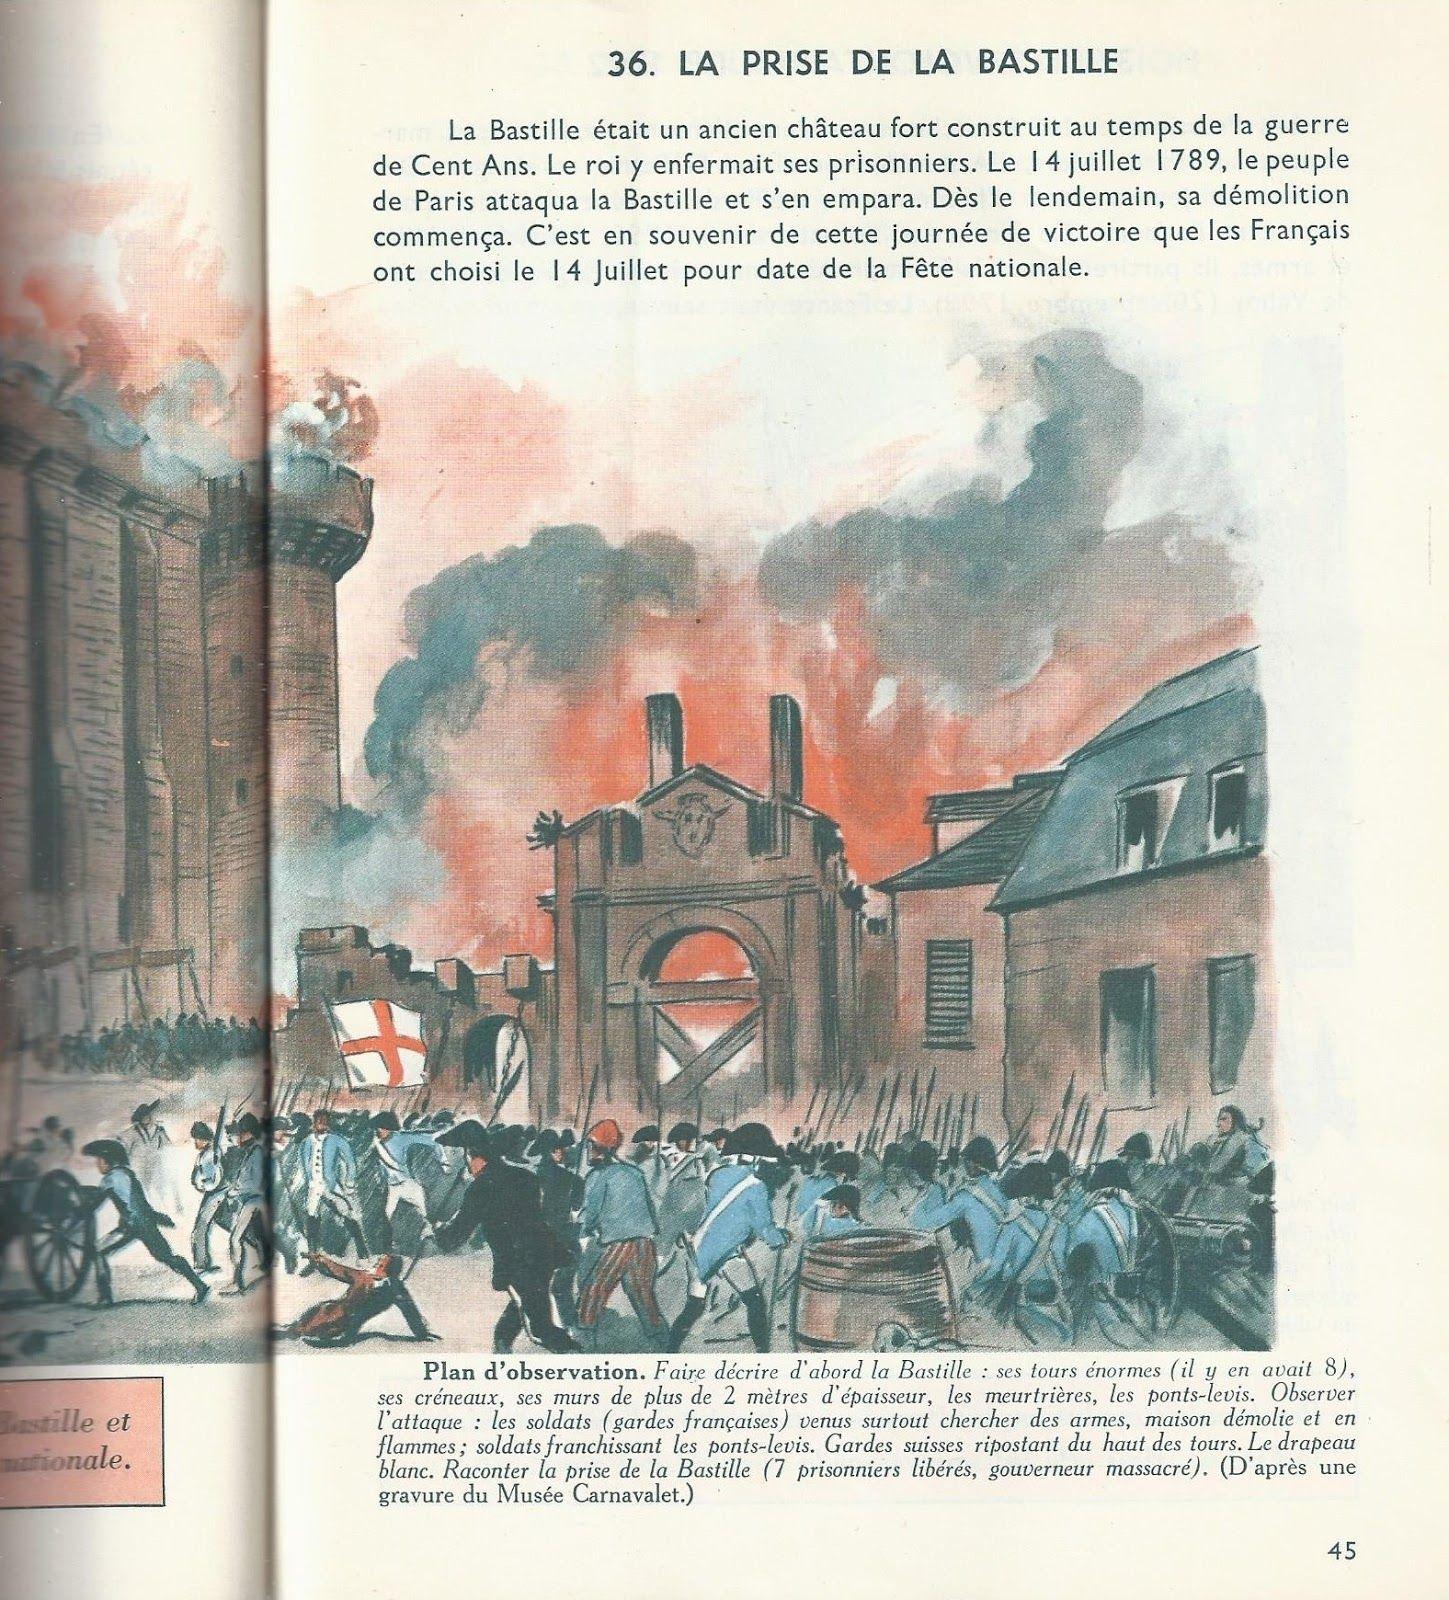 Ozouf Leterrier Images D Histoire Ce1 1954 Histoire En Images Histoire Histoire Ancienne